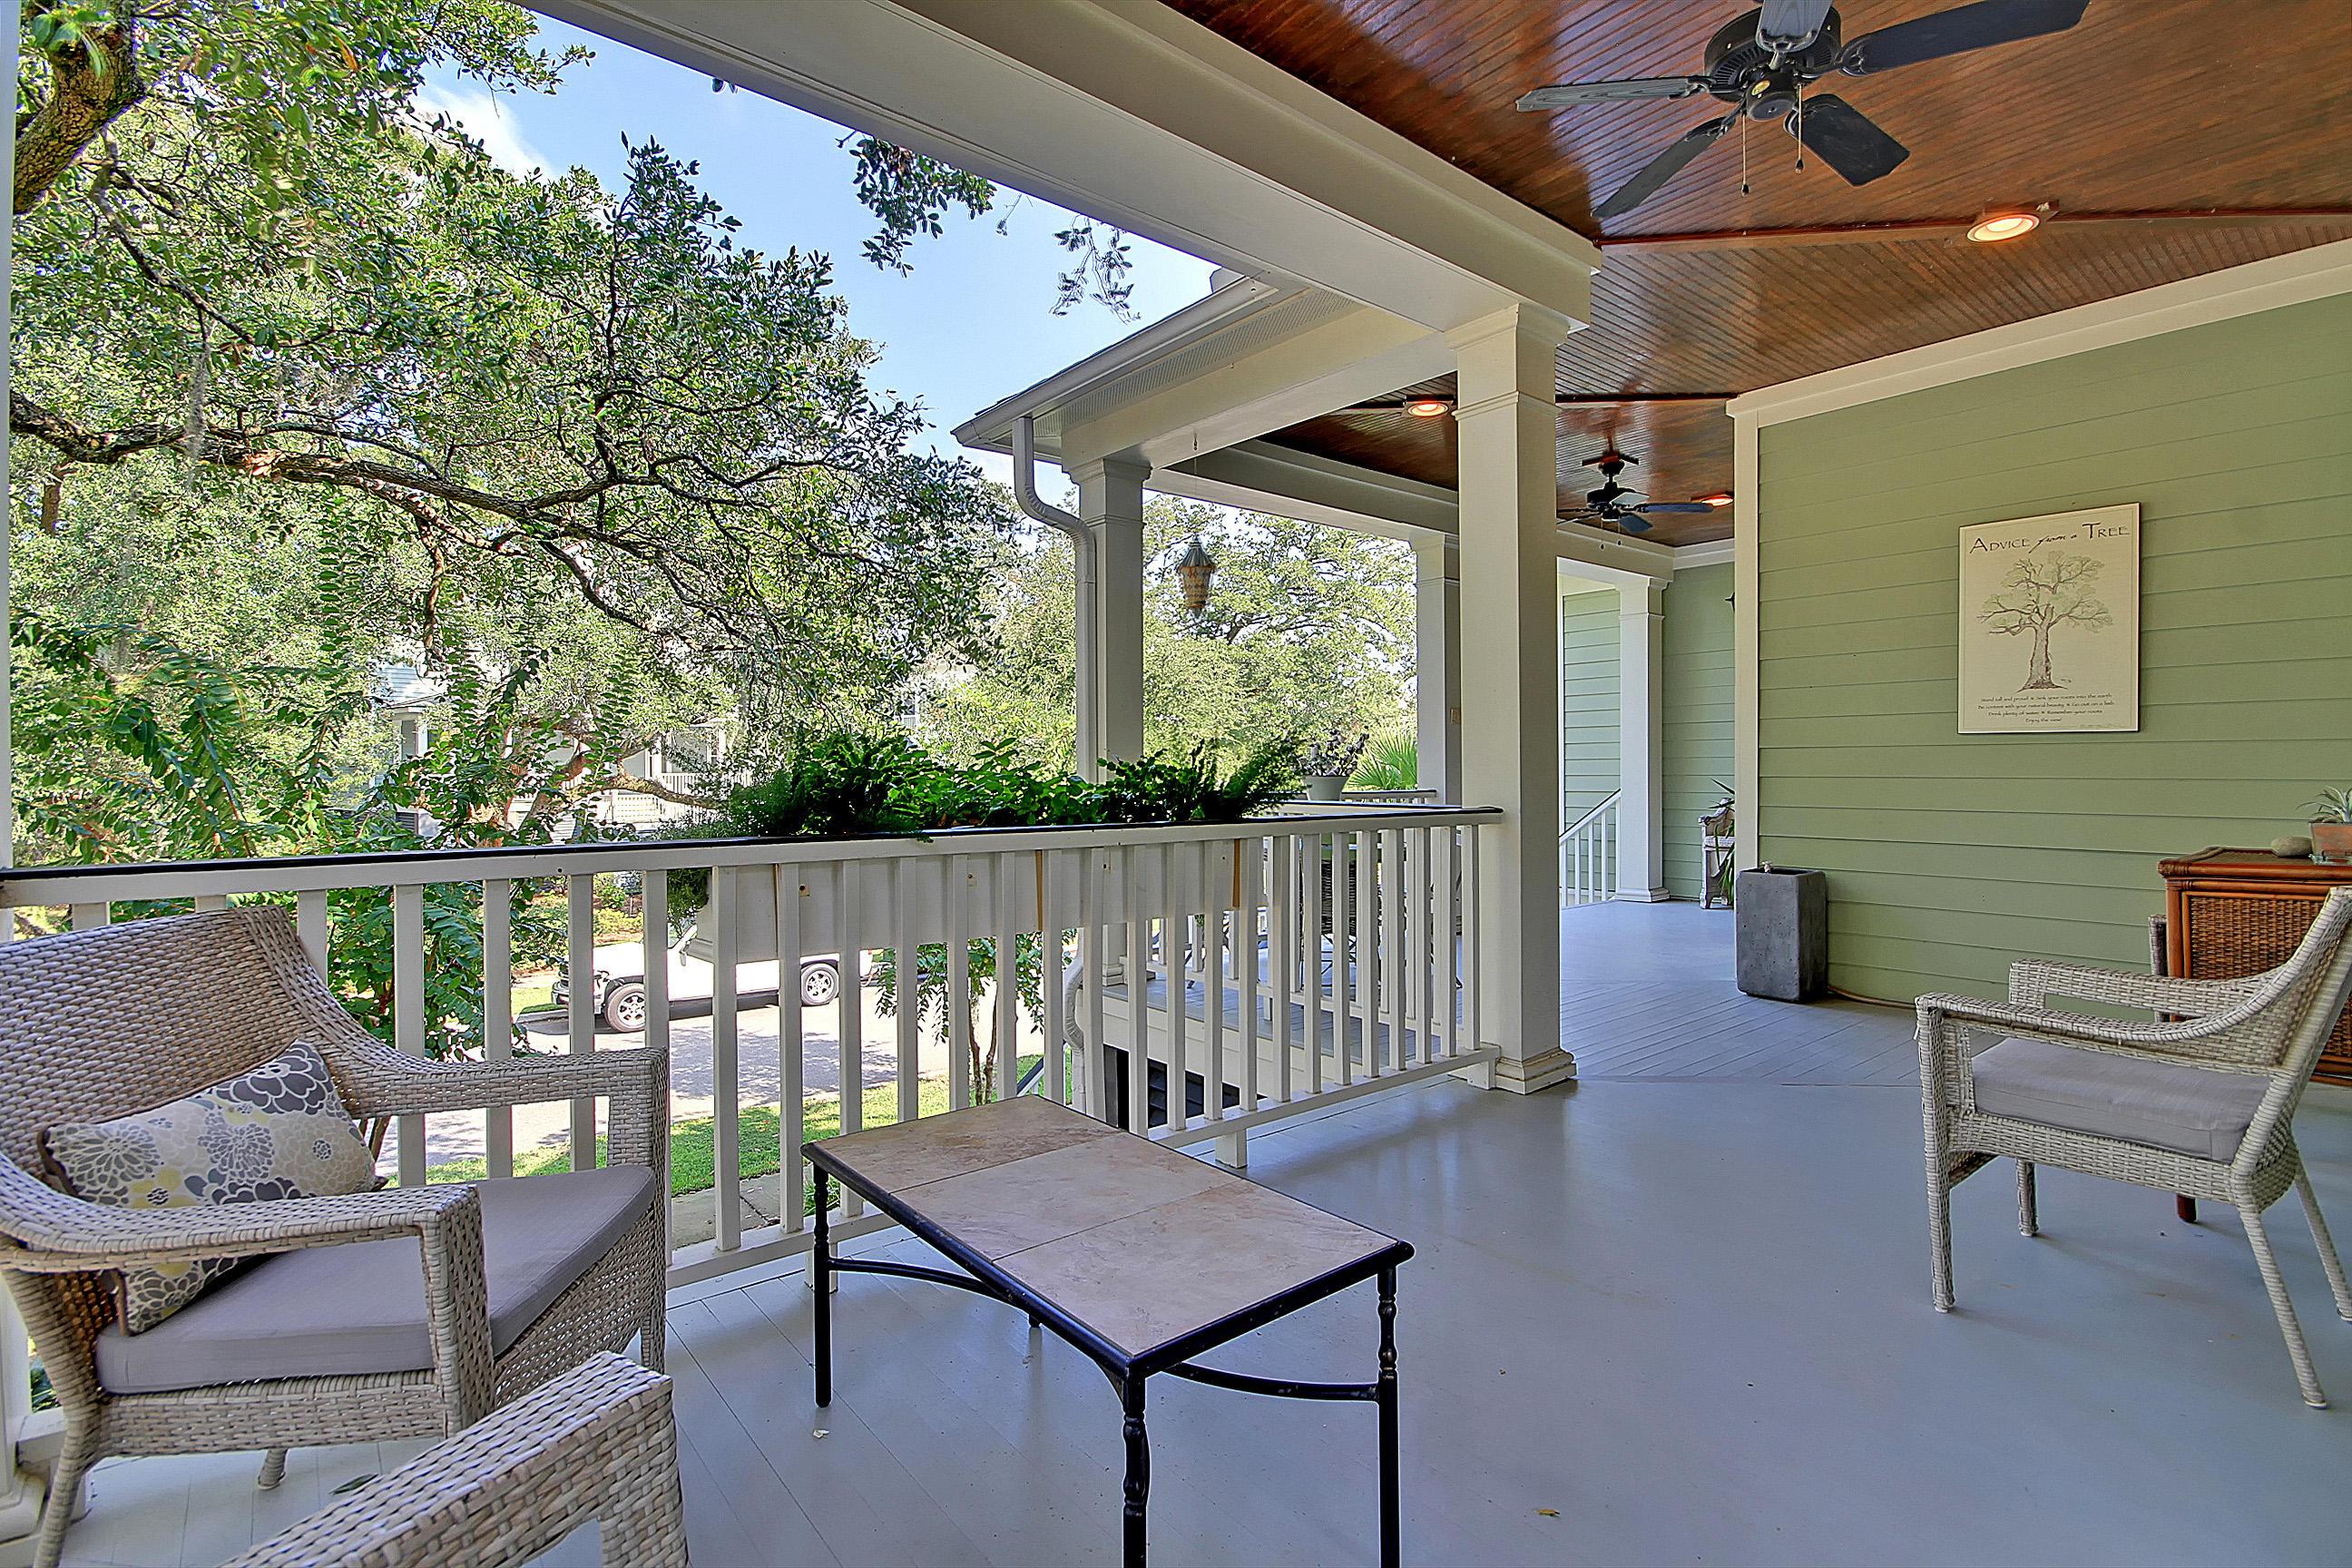 Ask Frank Real Estate Services - MLS Number: 19028083